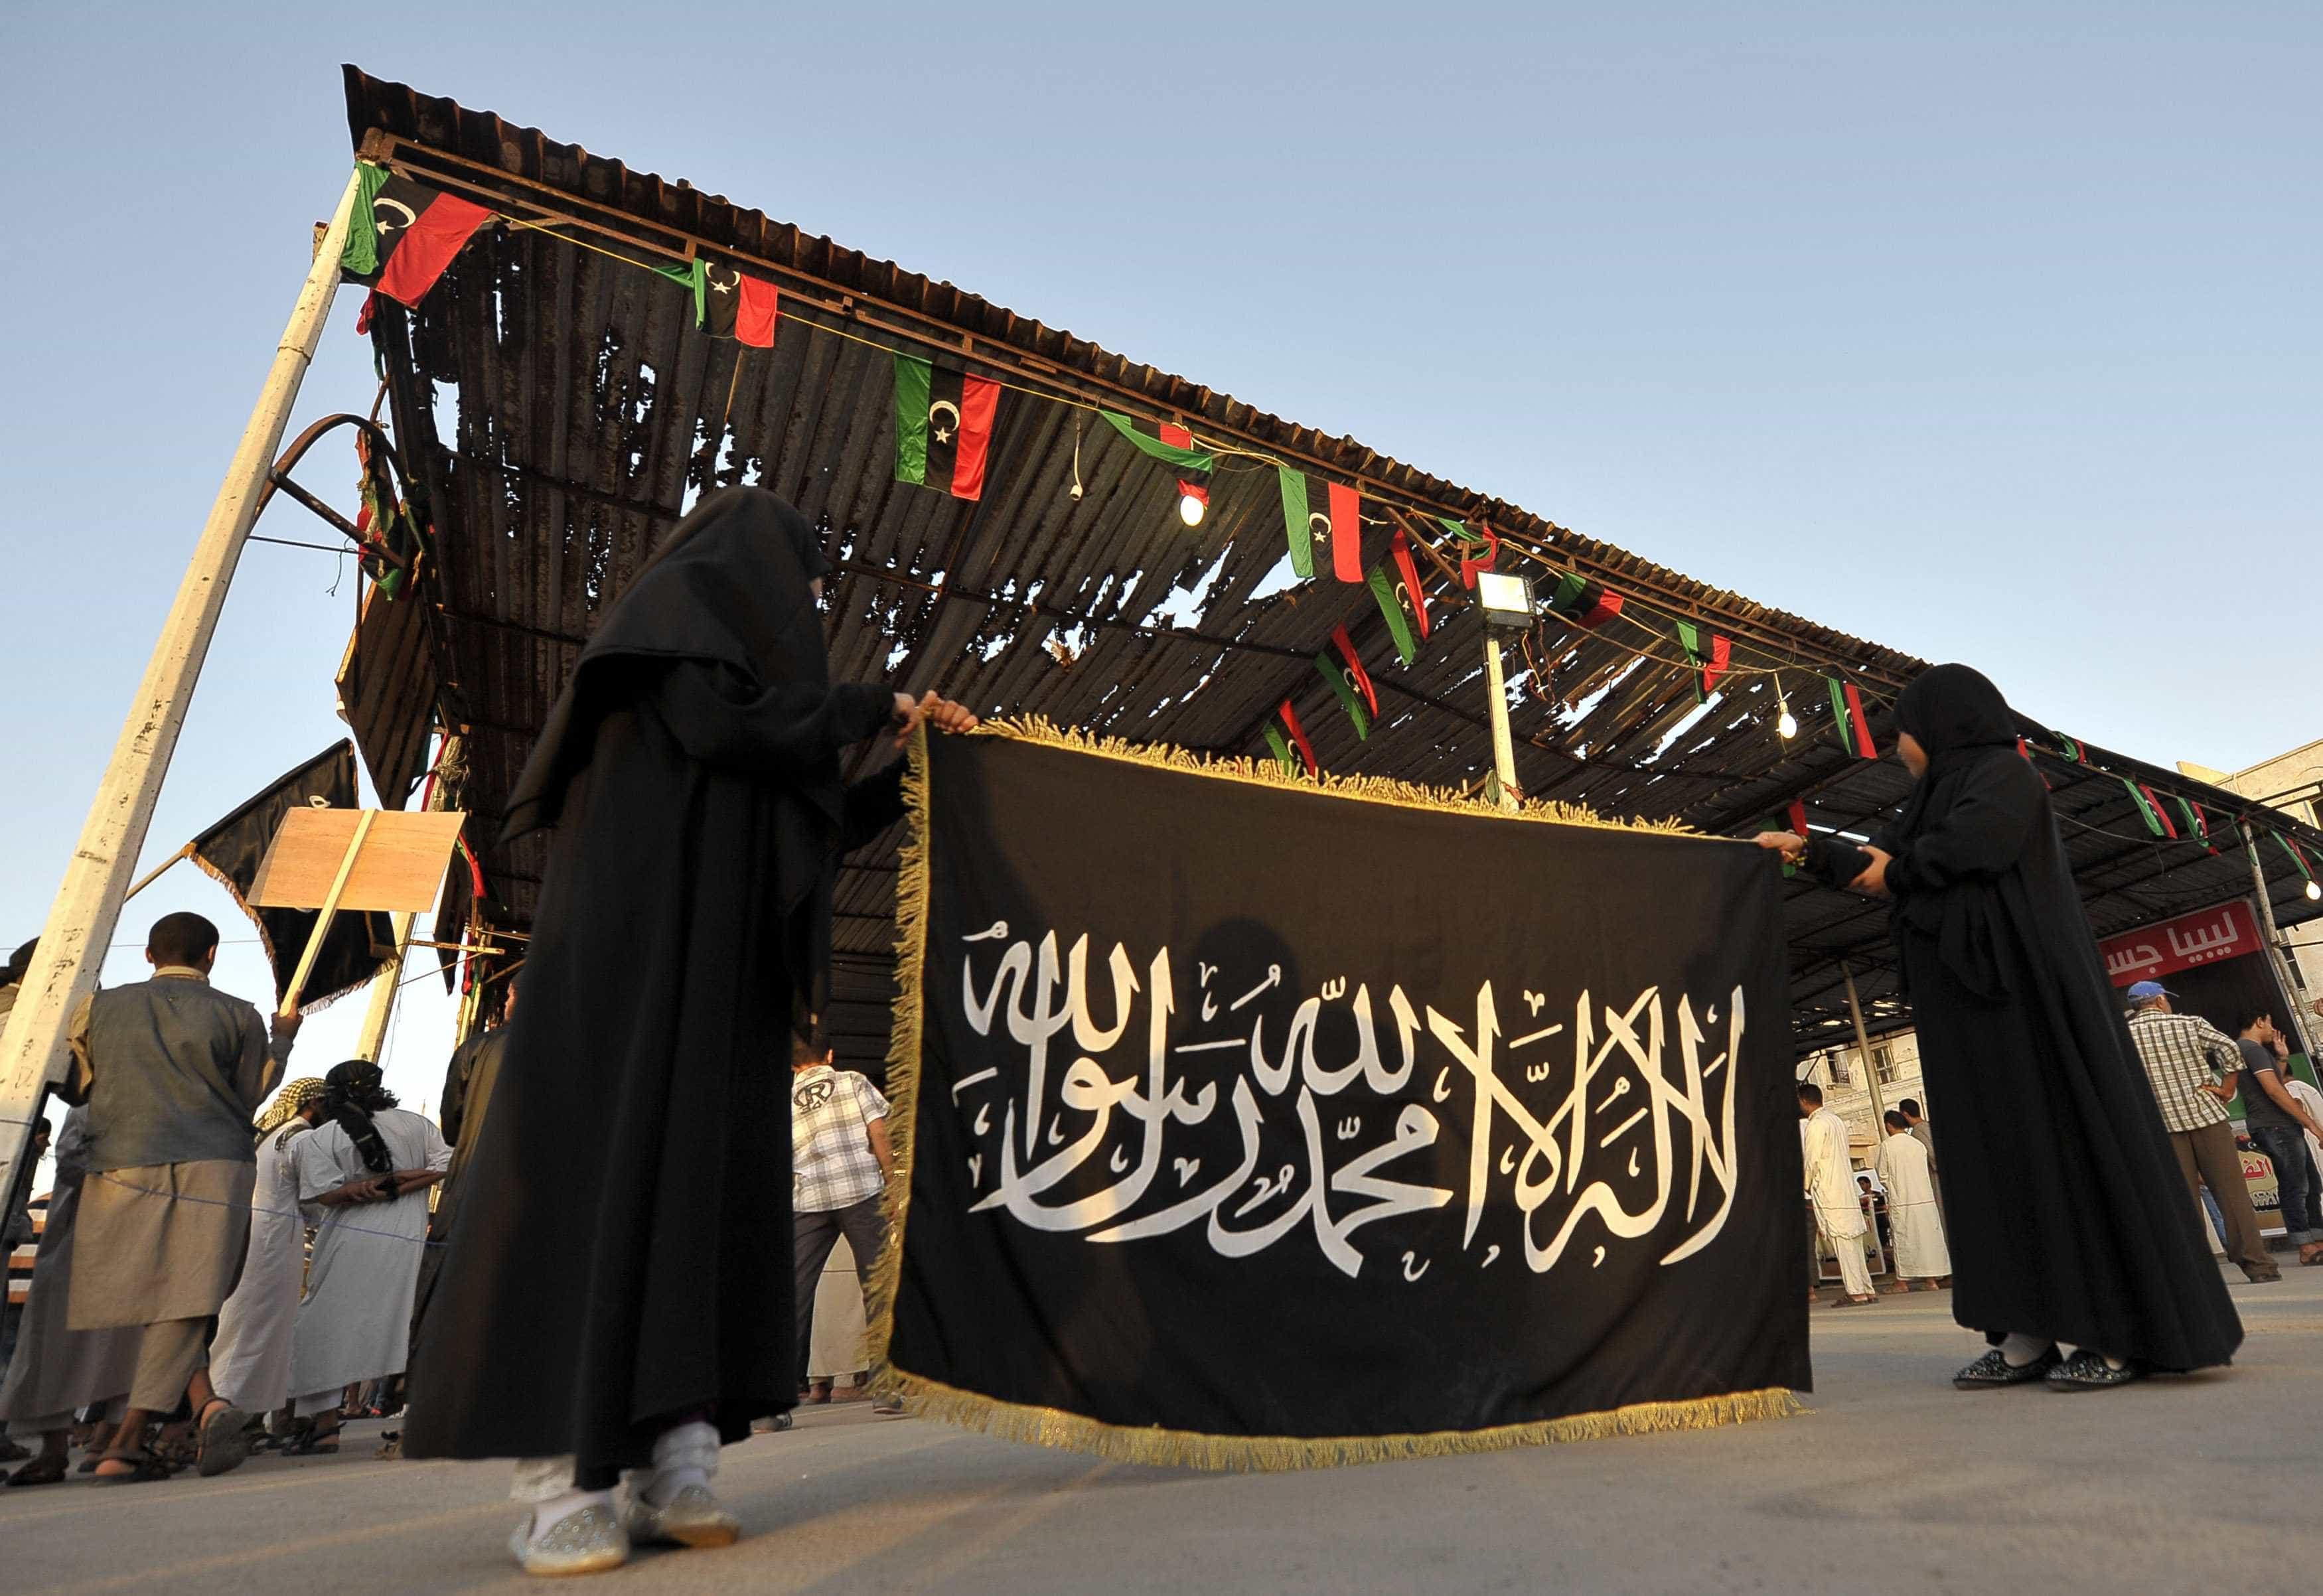 Estado Islâmico reivindica autoria de atentado em Quetta, no Paquistão